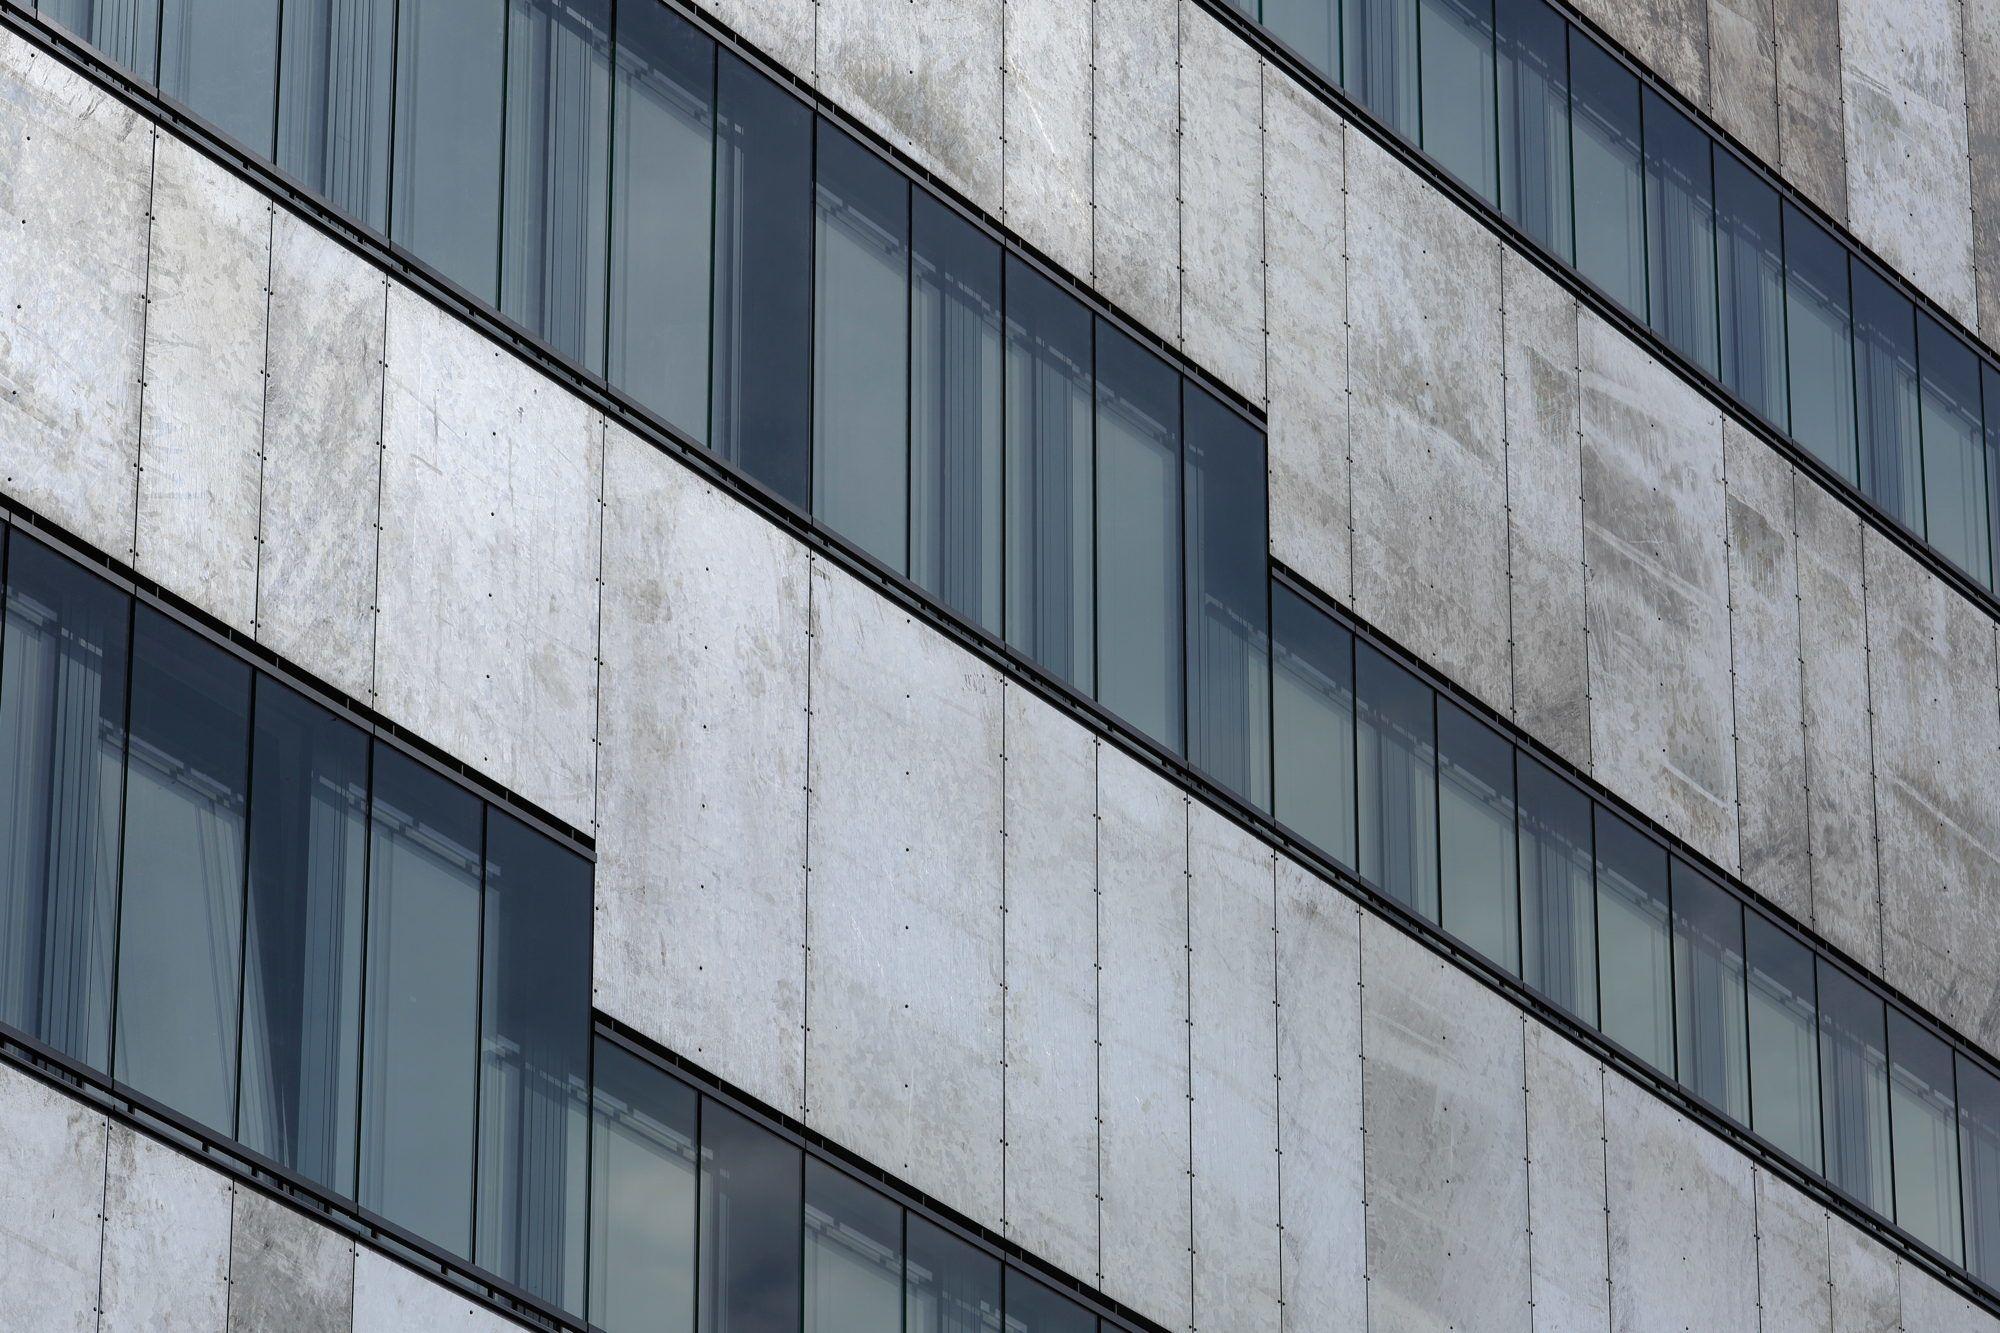 Architekten Essen sanaas nachbar in essen folkwang universität der künste mgf